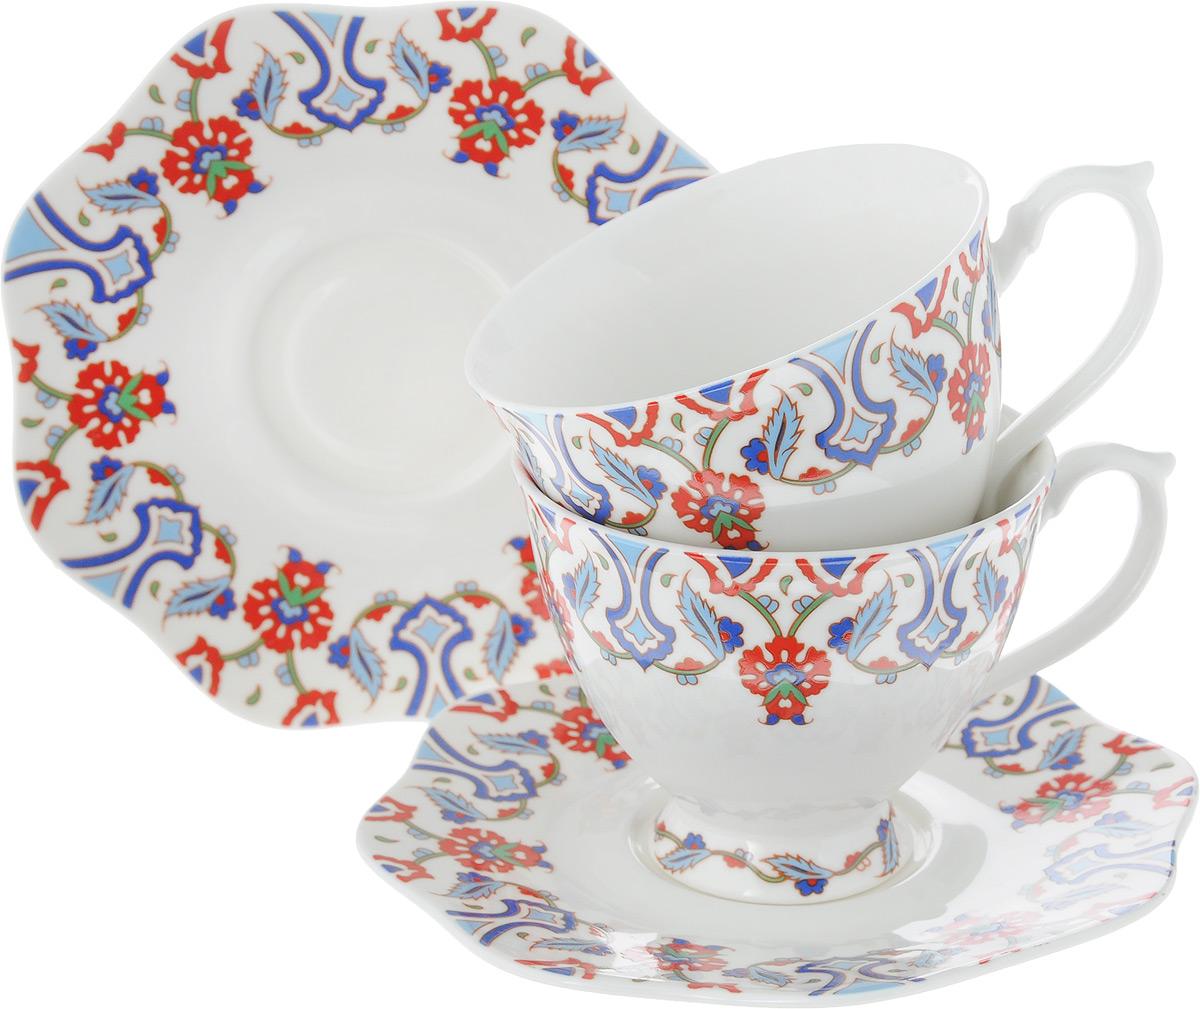 Набор чайный Loraine, 4 предмета. 266181405186Чайный набор Loraine на 2 персоны выполнен из высококачественного костяного фарфора - материала, безопасного для здоровья и надолго сохраняющего тепло напитка. В наборе 2 чашки и 2 блюдца. Несмотря на свою внешнюю хрупкость, каждый из предметов набора обладает высокой прочностью и надежностью. Изделия дополнены ярким красивым узором. Оригинальный дизайн сделает этот набор изысканным украшением любого стола. Набор упакован в подарочную коробку в форме сердца, поэтому его можно преподнести в качестве оригинального и практичного подарка для родных и близких. Объем чашки: 180 мл. Диаметр чашки (по верхнему краю): 8 см. Высота чашки: 7 см. Диаметр блюдца: 14 см.